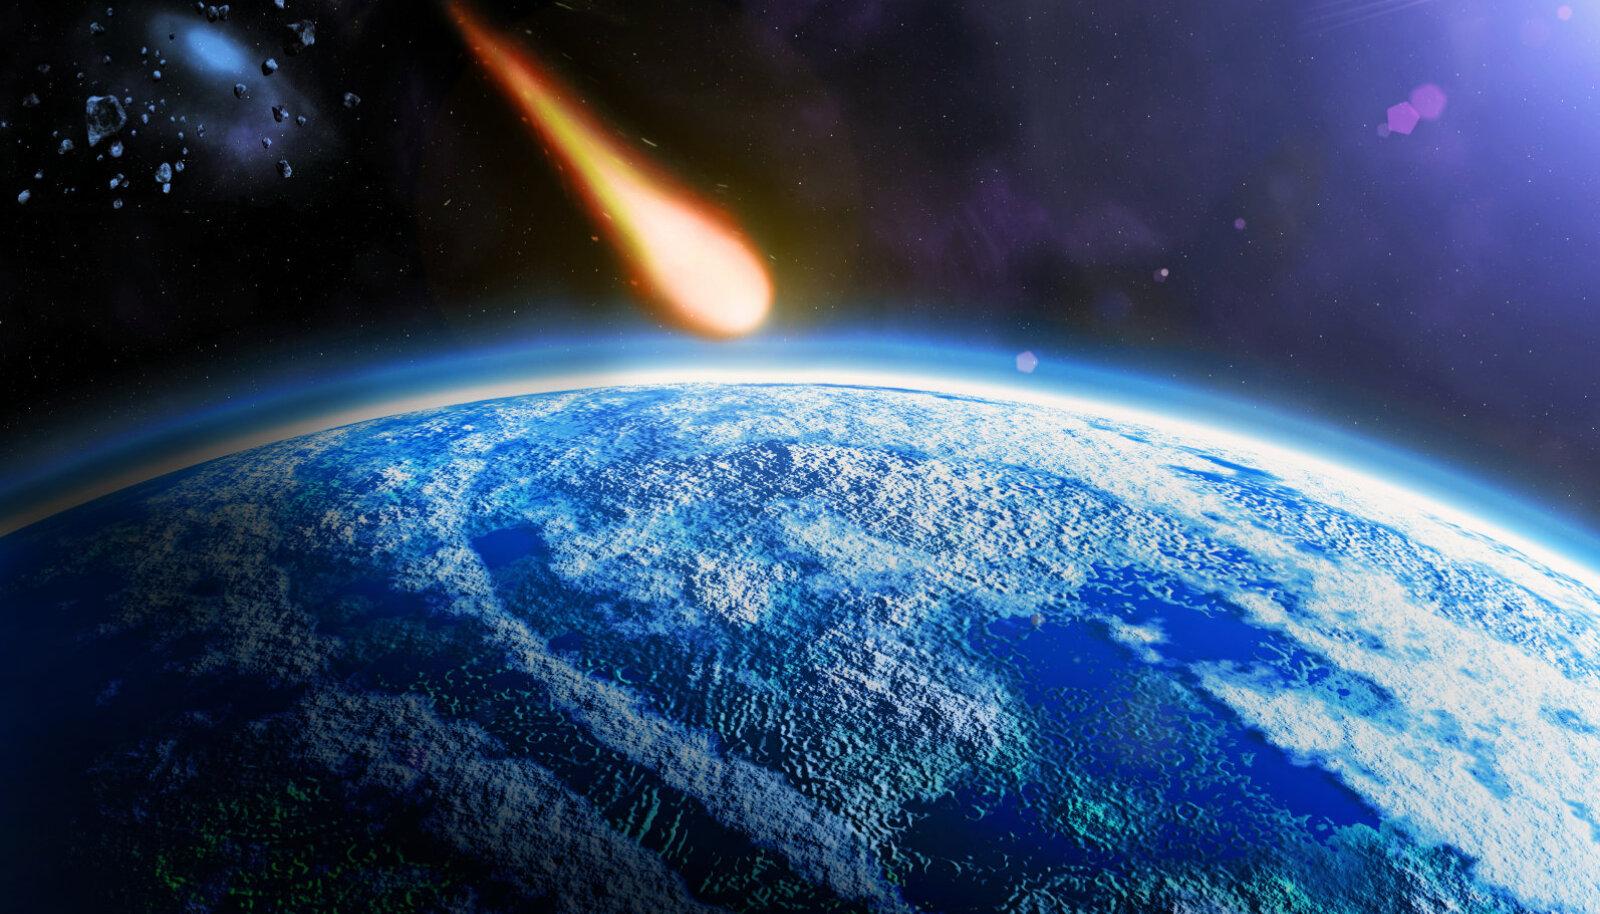 """Mis meid, inimkonda ohustab? Erinevatest eksistentsiaalsetest ohtudest tuleb juttu sel laupäeval kell 14 seminaril """"Anomaalne maailm"""""""